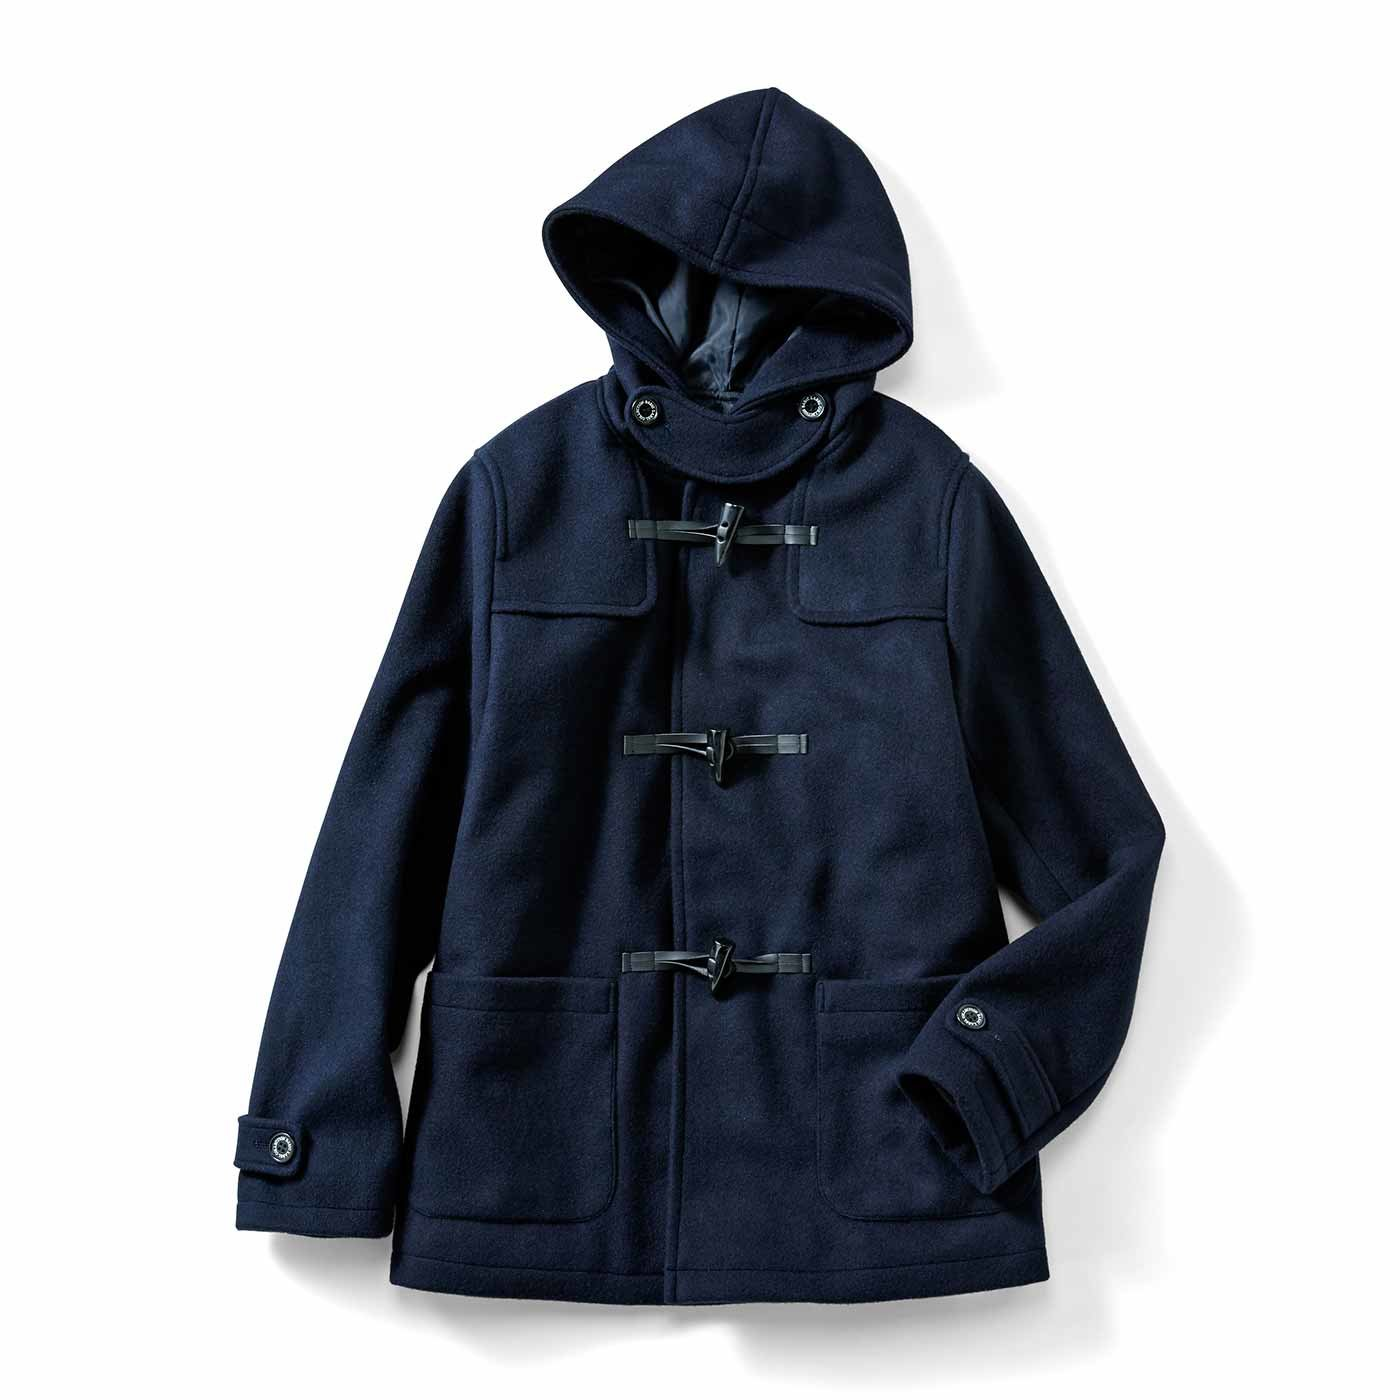 IEDIT[イディット] 裏キルティングで暖か 軽やかウール混素材のベストバランス大人ダッフルコート〈ネイビー〉